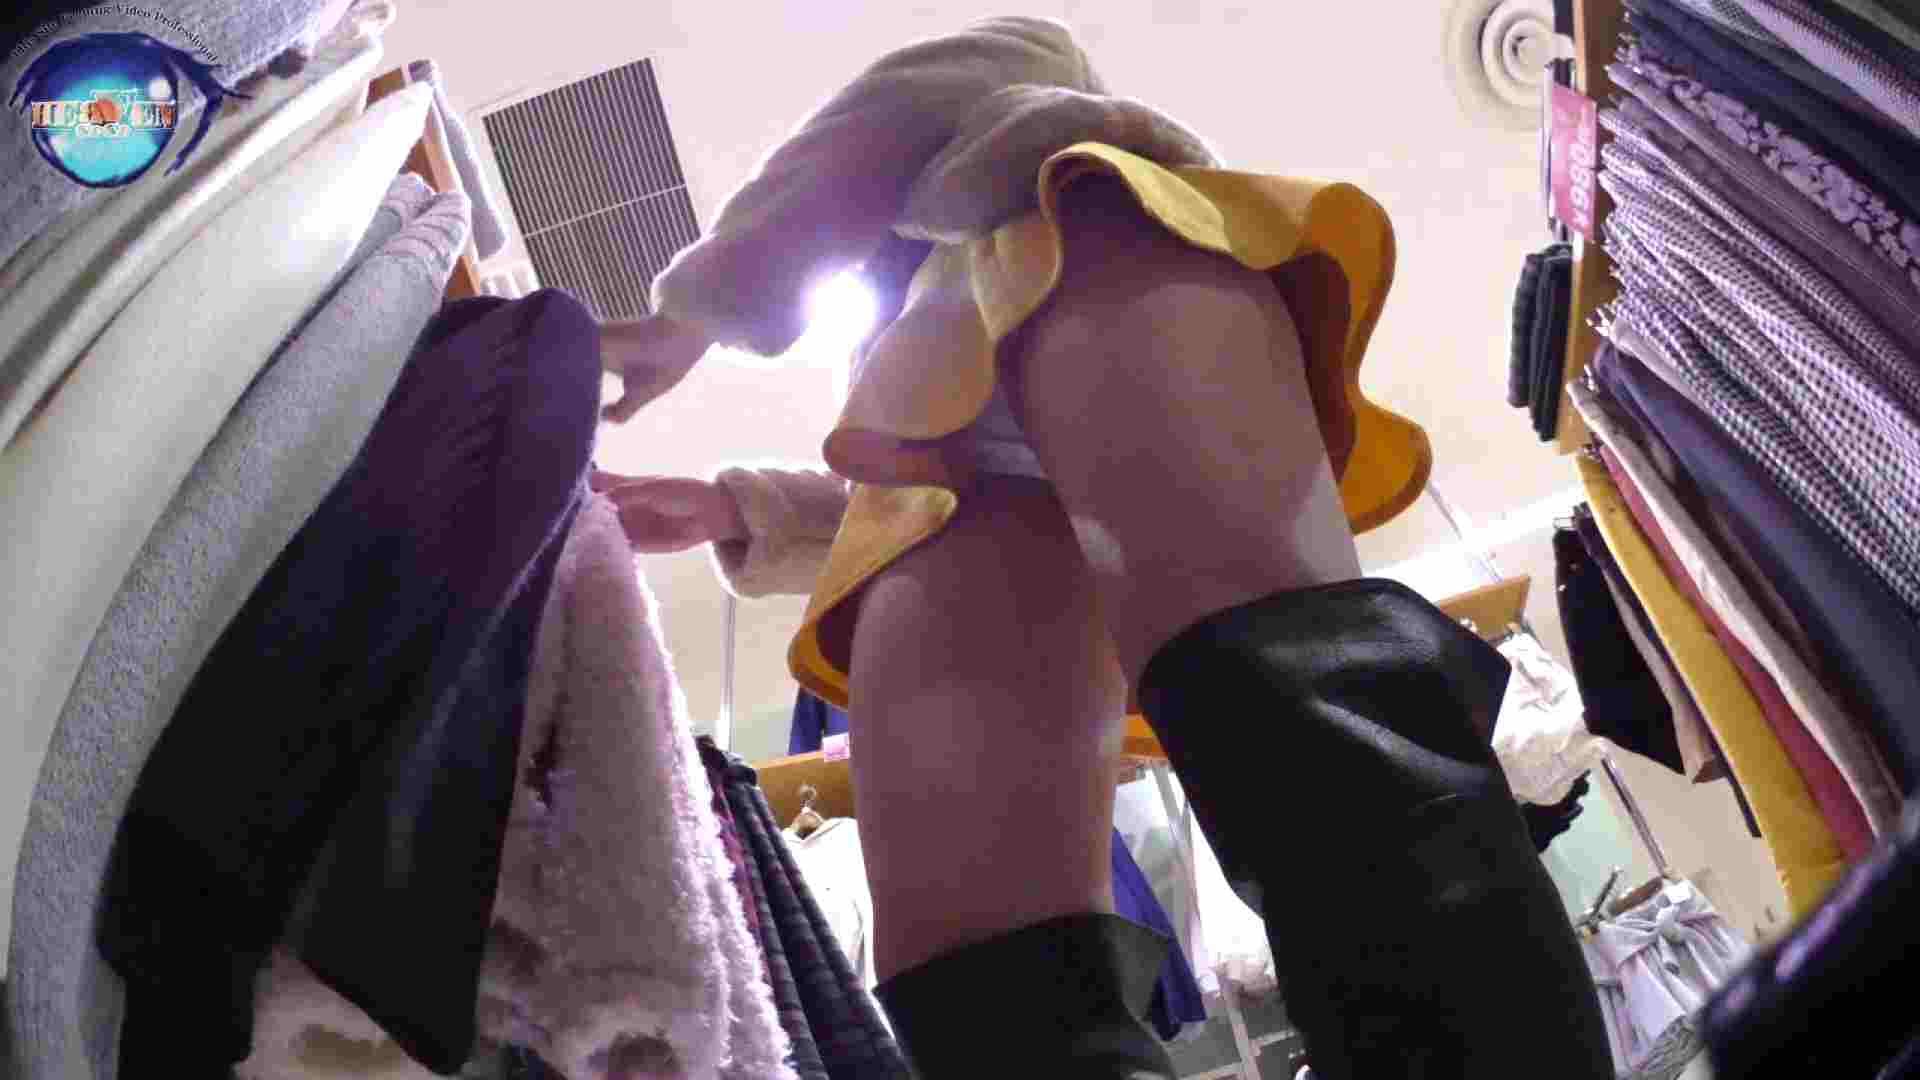 雅さんの独断と偏見で集めた動画 teenパンチラ編vol.3 OLセックス 覗きオメコ動画キャプチャ 55画像 52